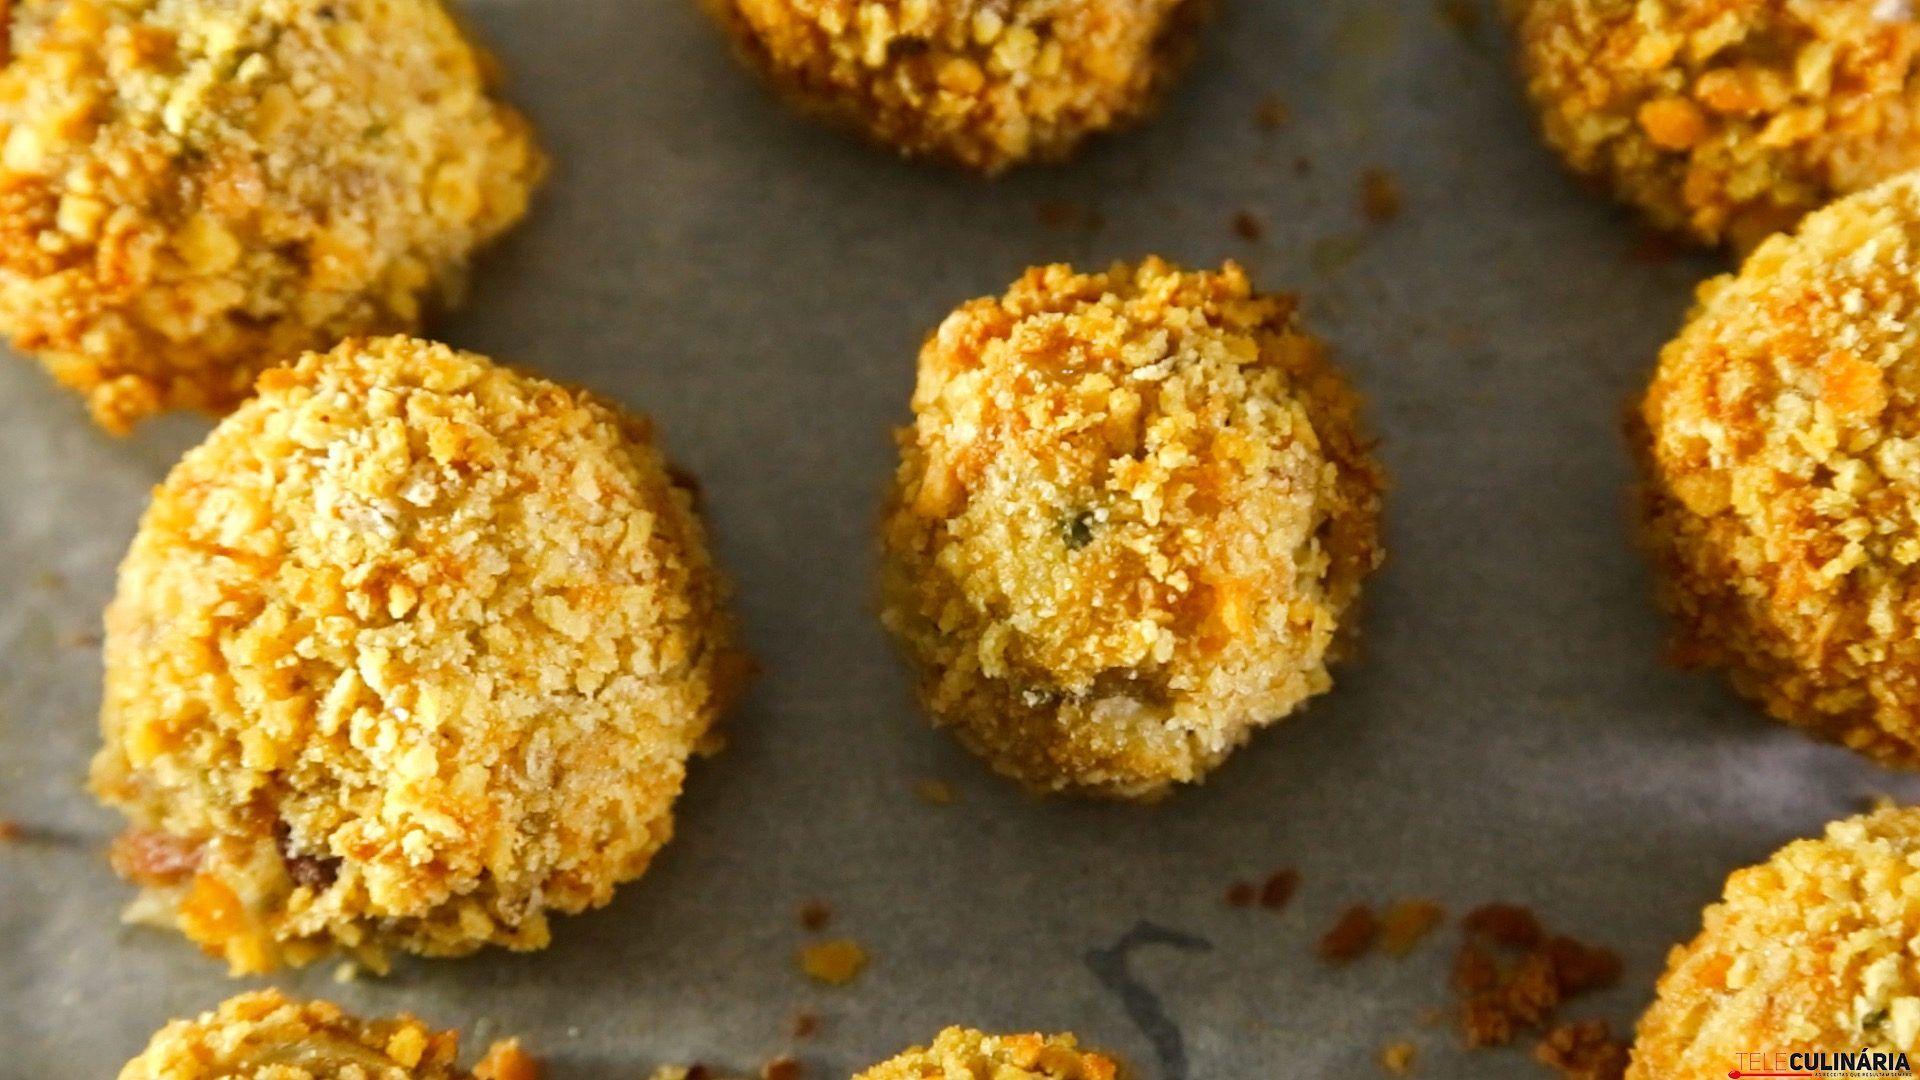 Receita de Croquetes de alheira. Descubra como cozinhar Croquetes de alheira de maneira prática e deliciosa!